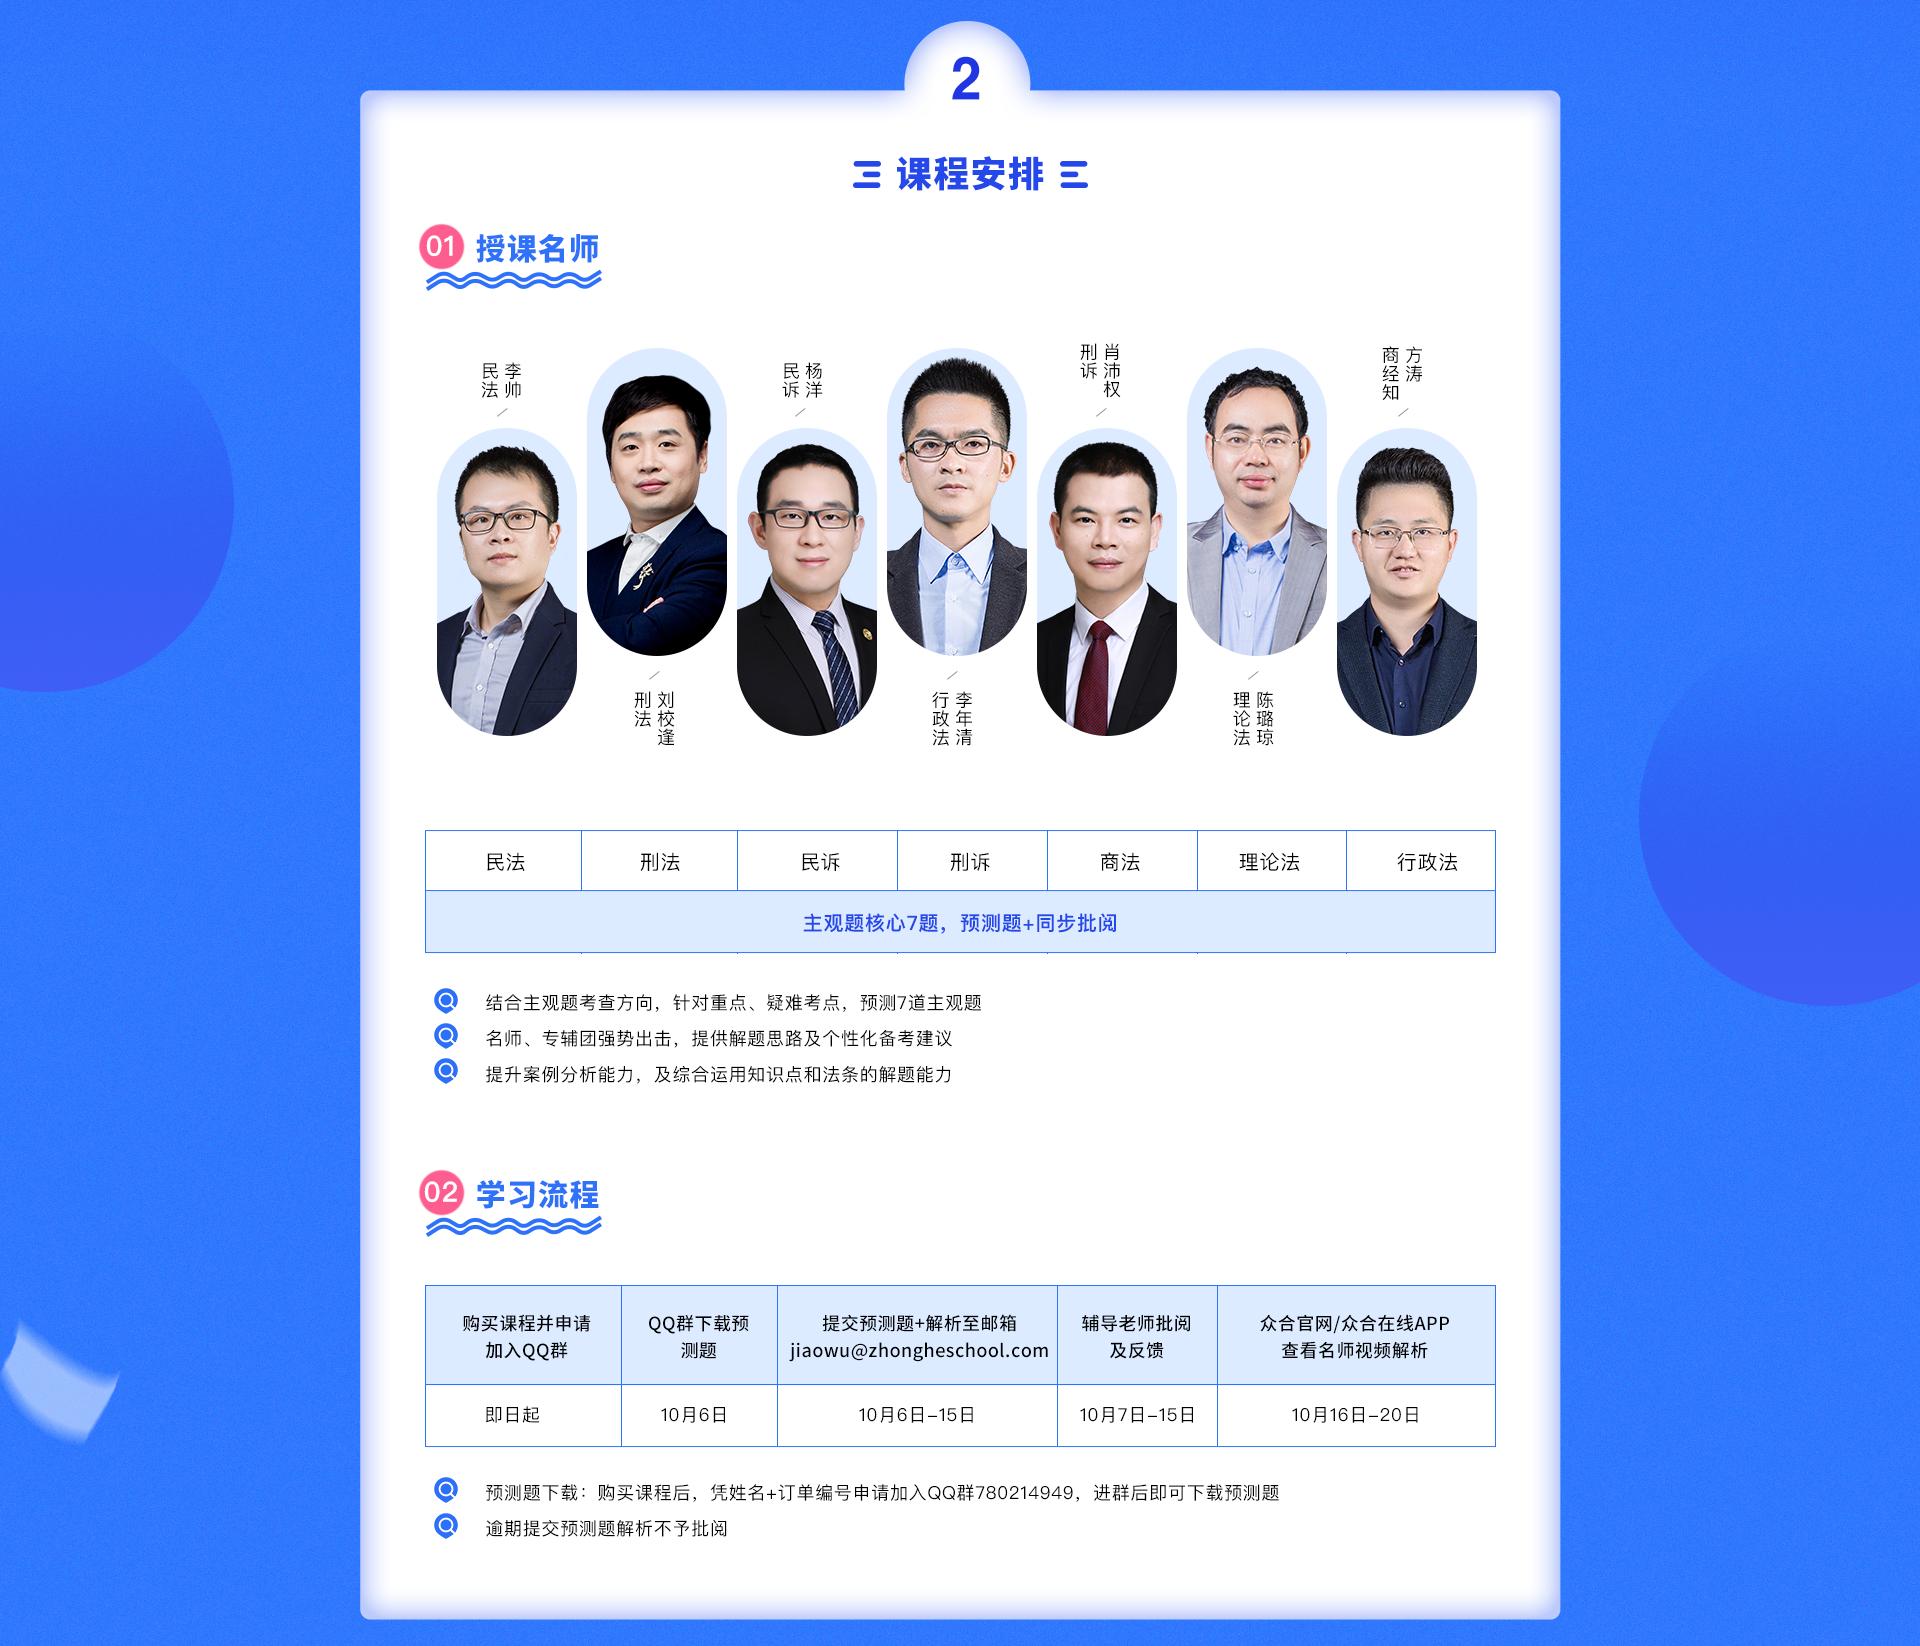 个性化批改班_PC.png